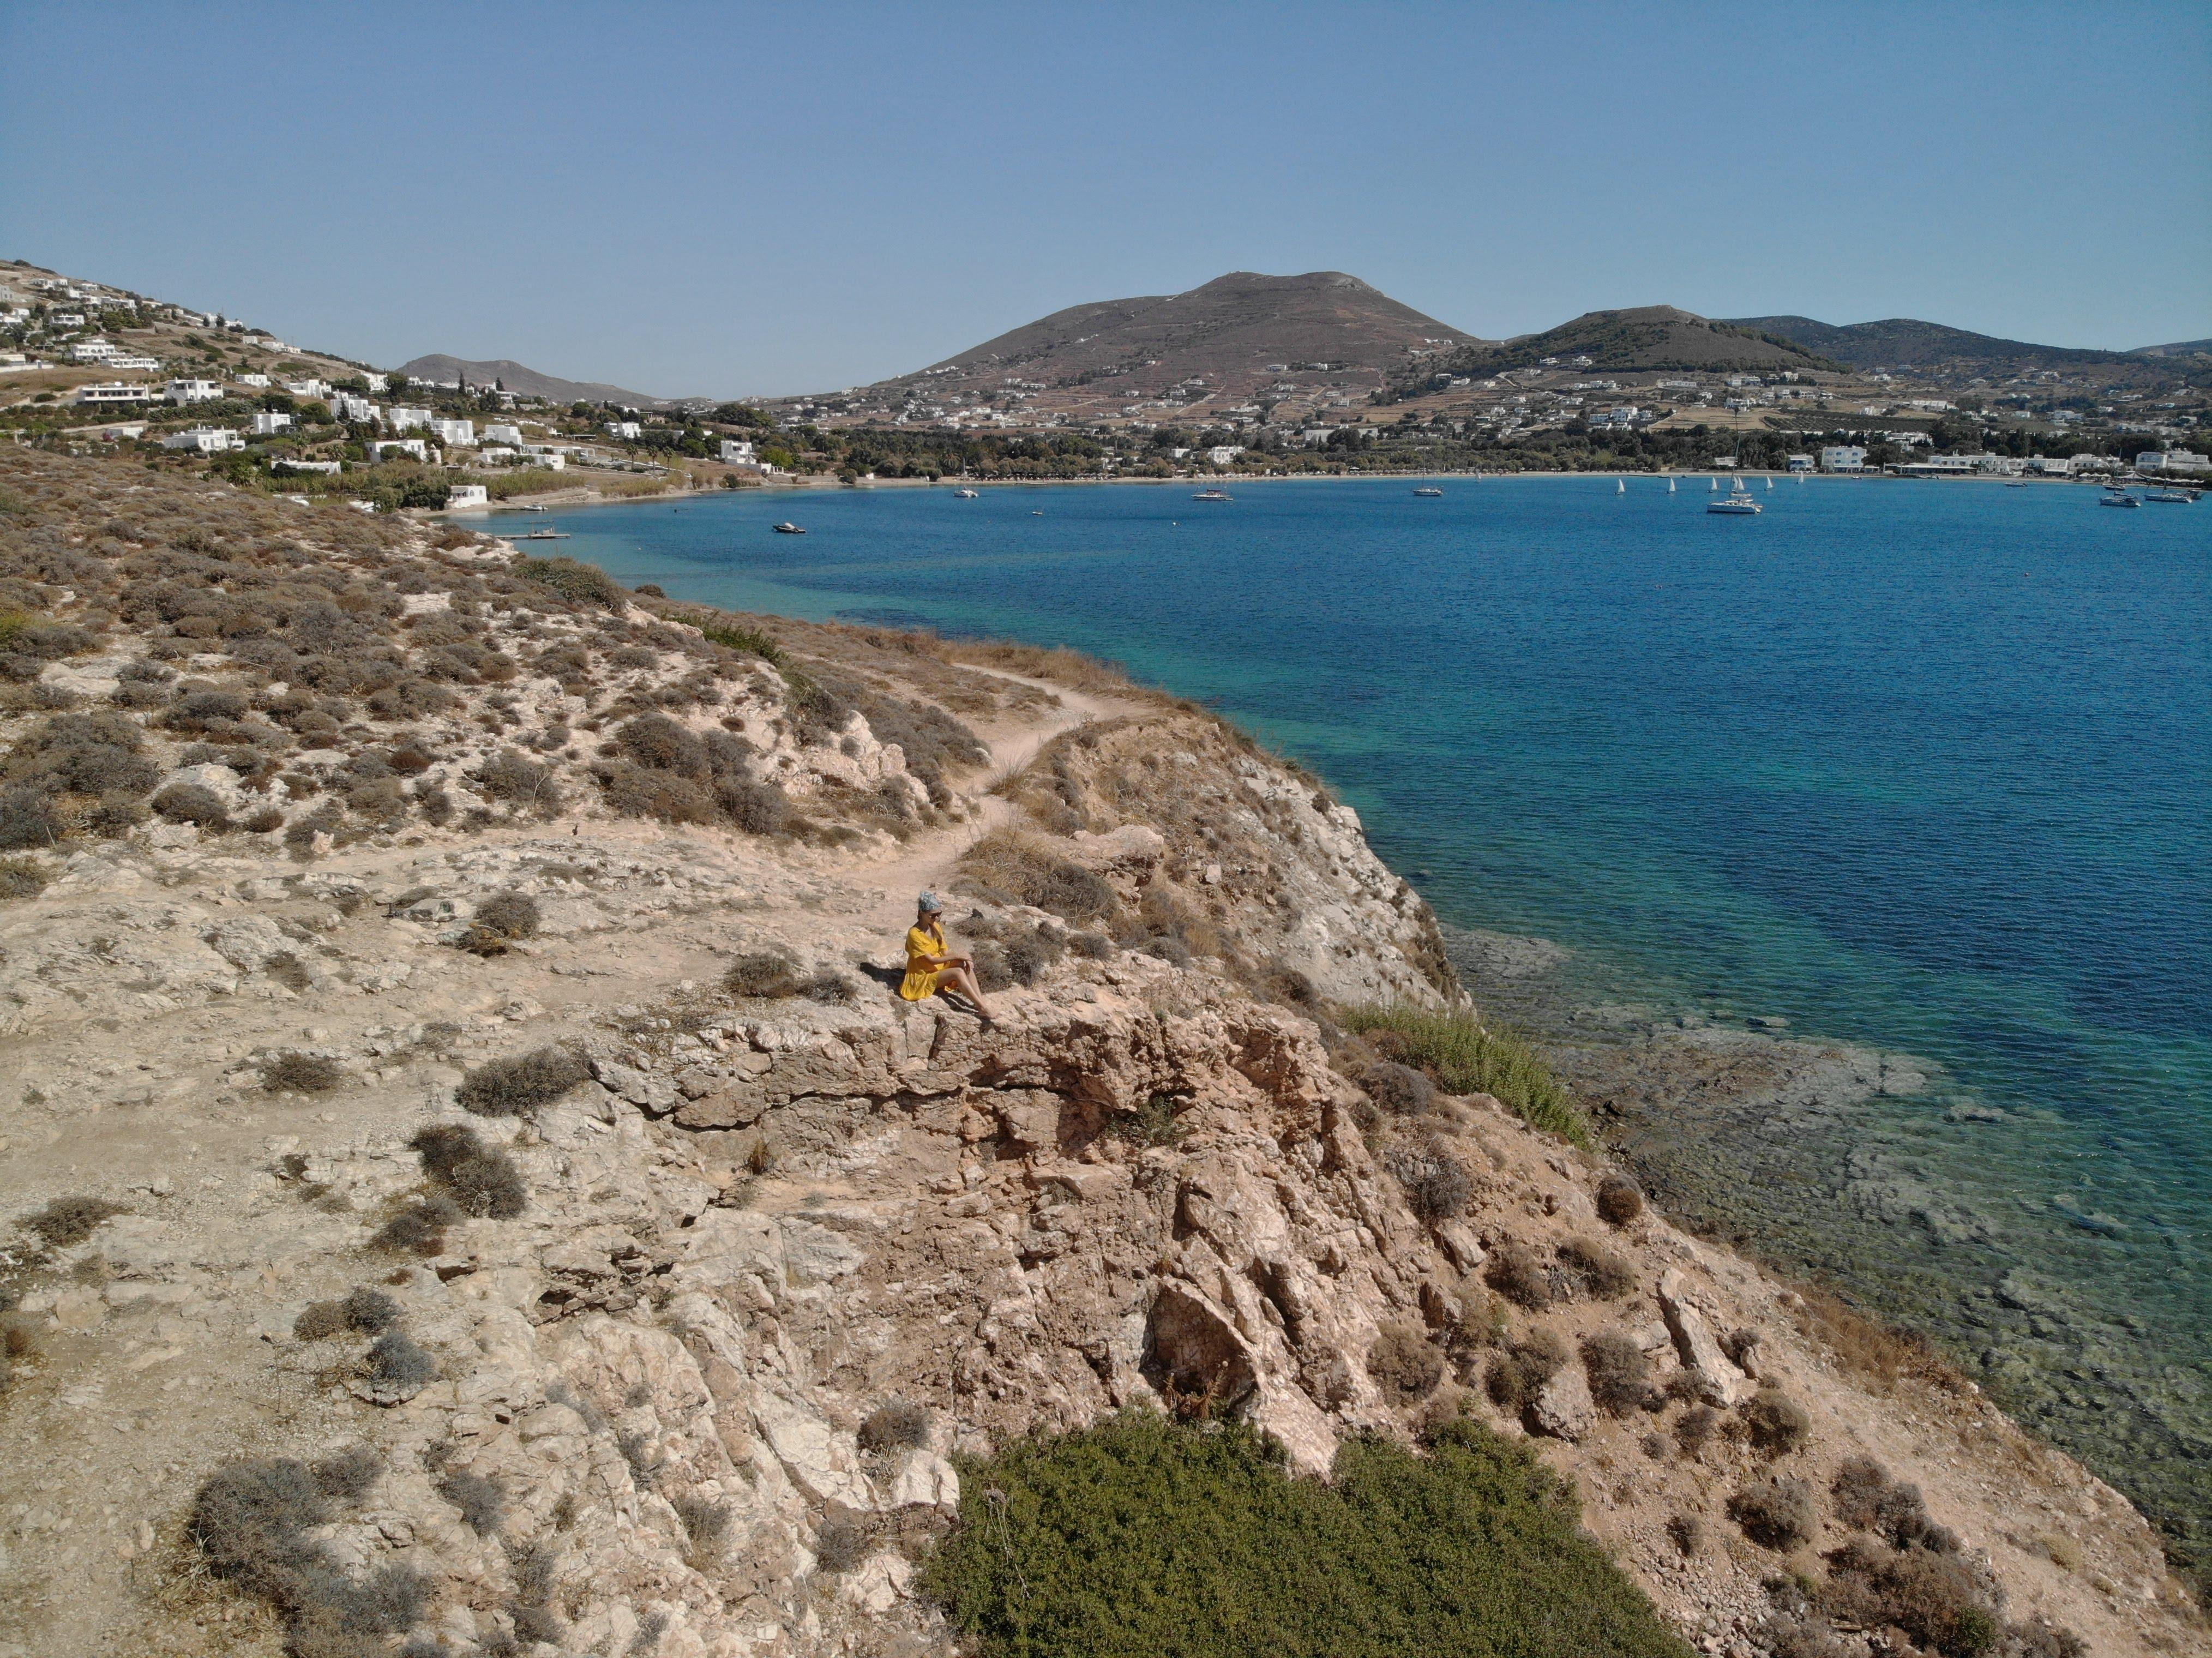 Trail from Parikia to Krios and Marcello beaches